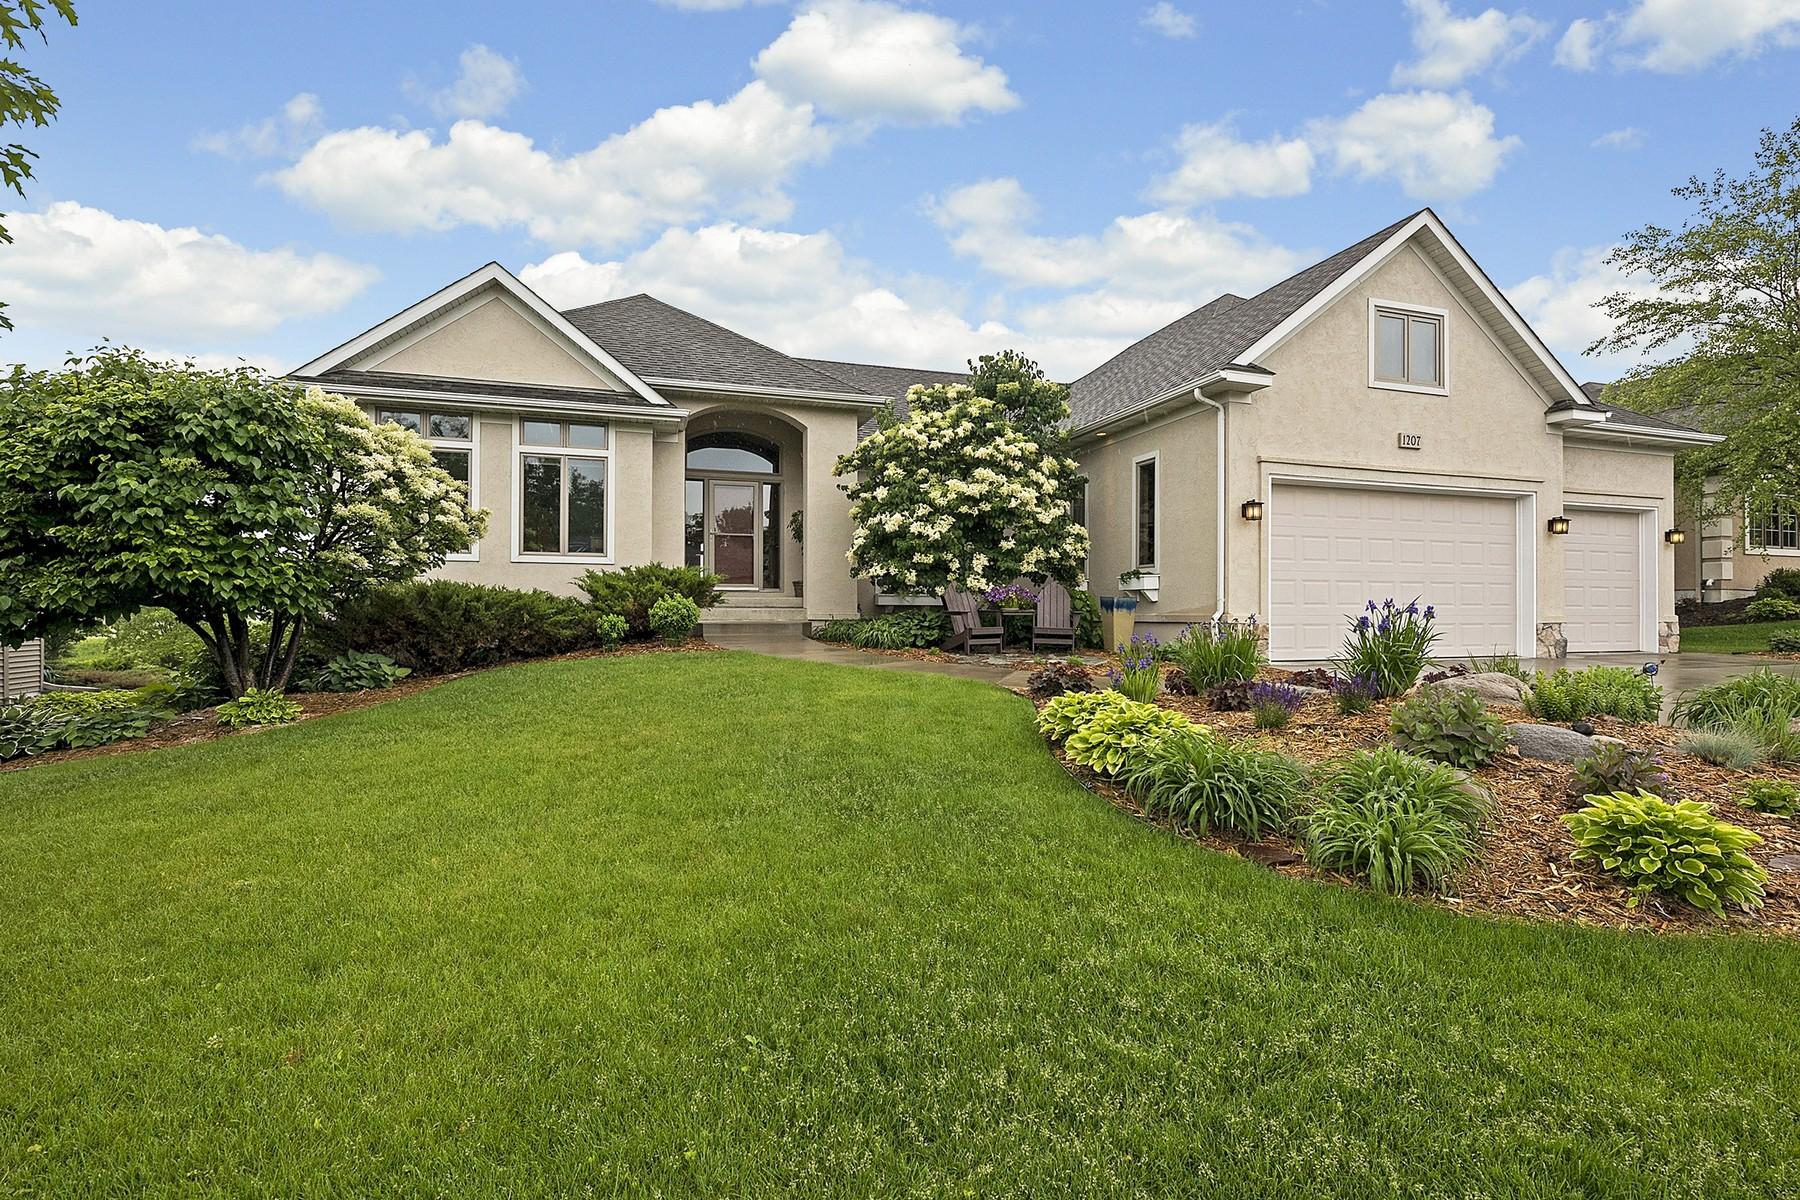 独户住宅 为 销售 在 1207 Adrian Drive Chaska, 明尼苏达州 55318 美国